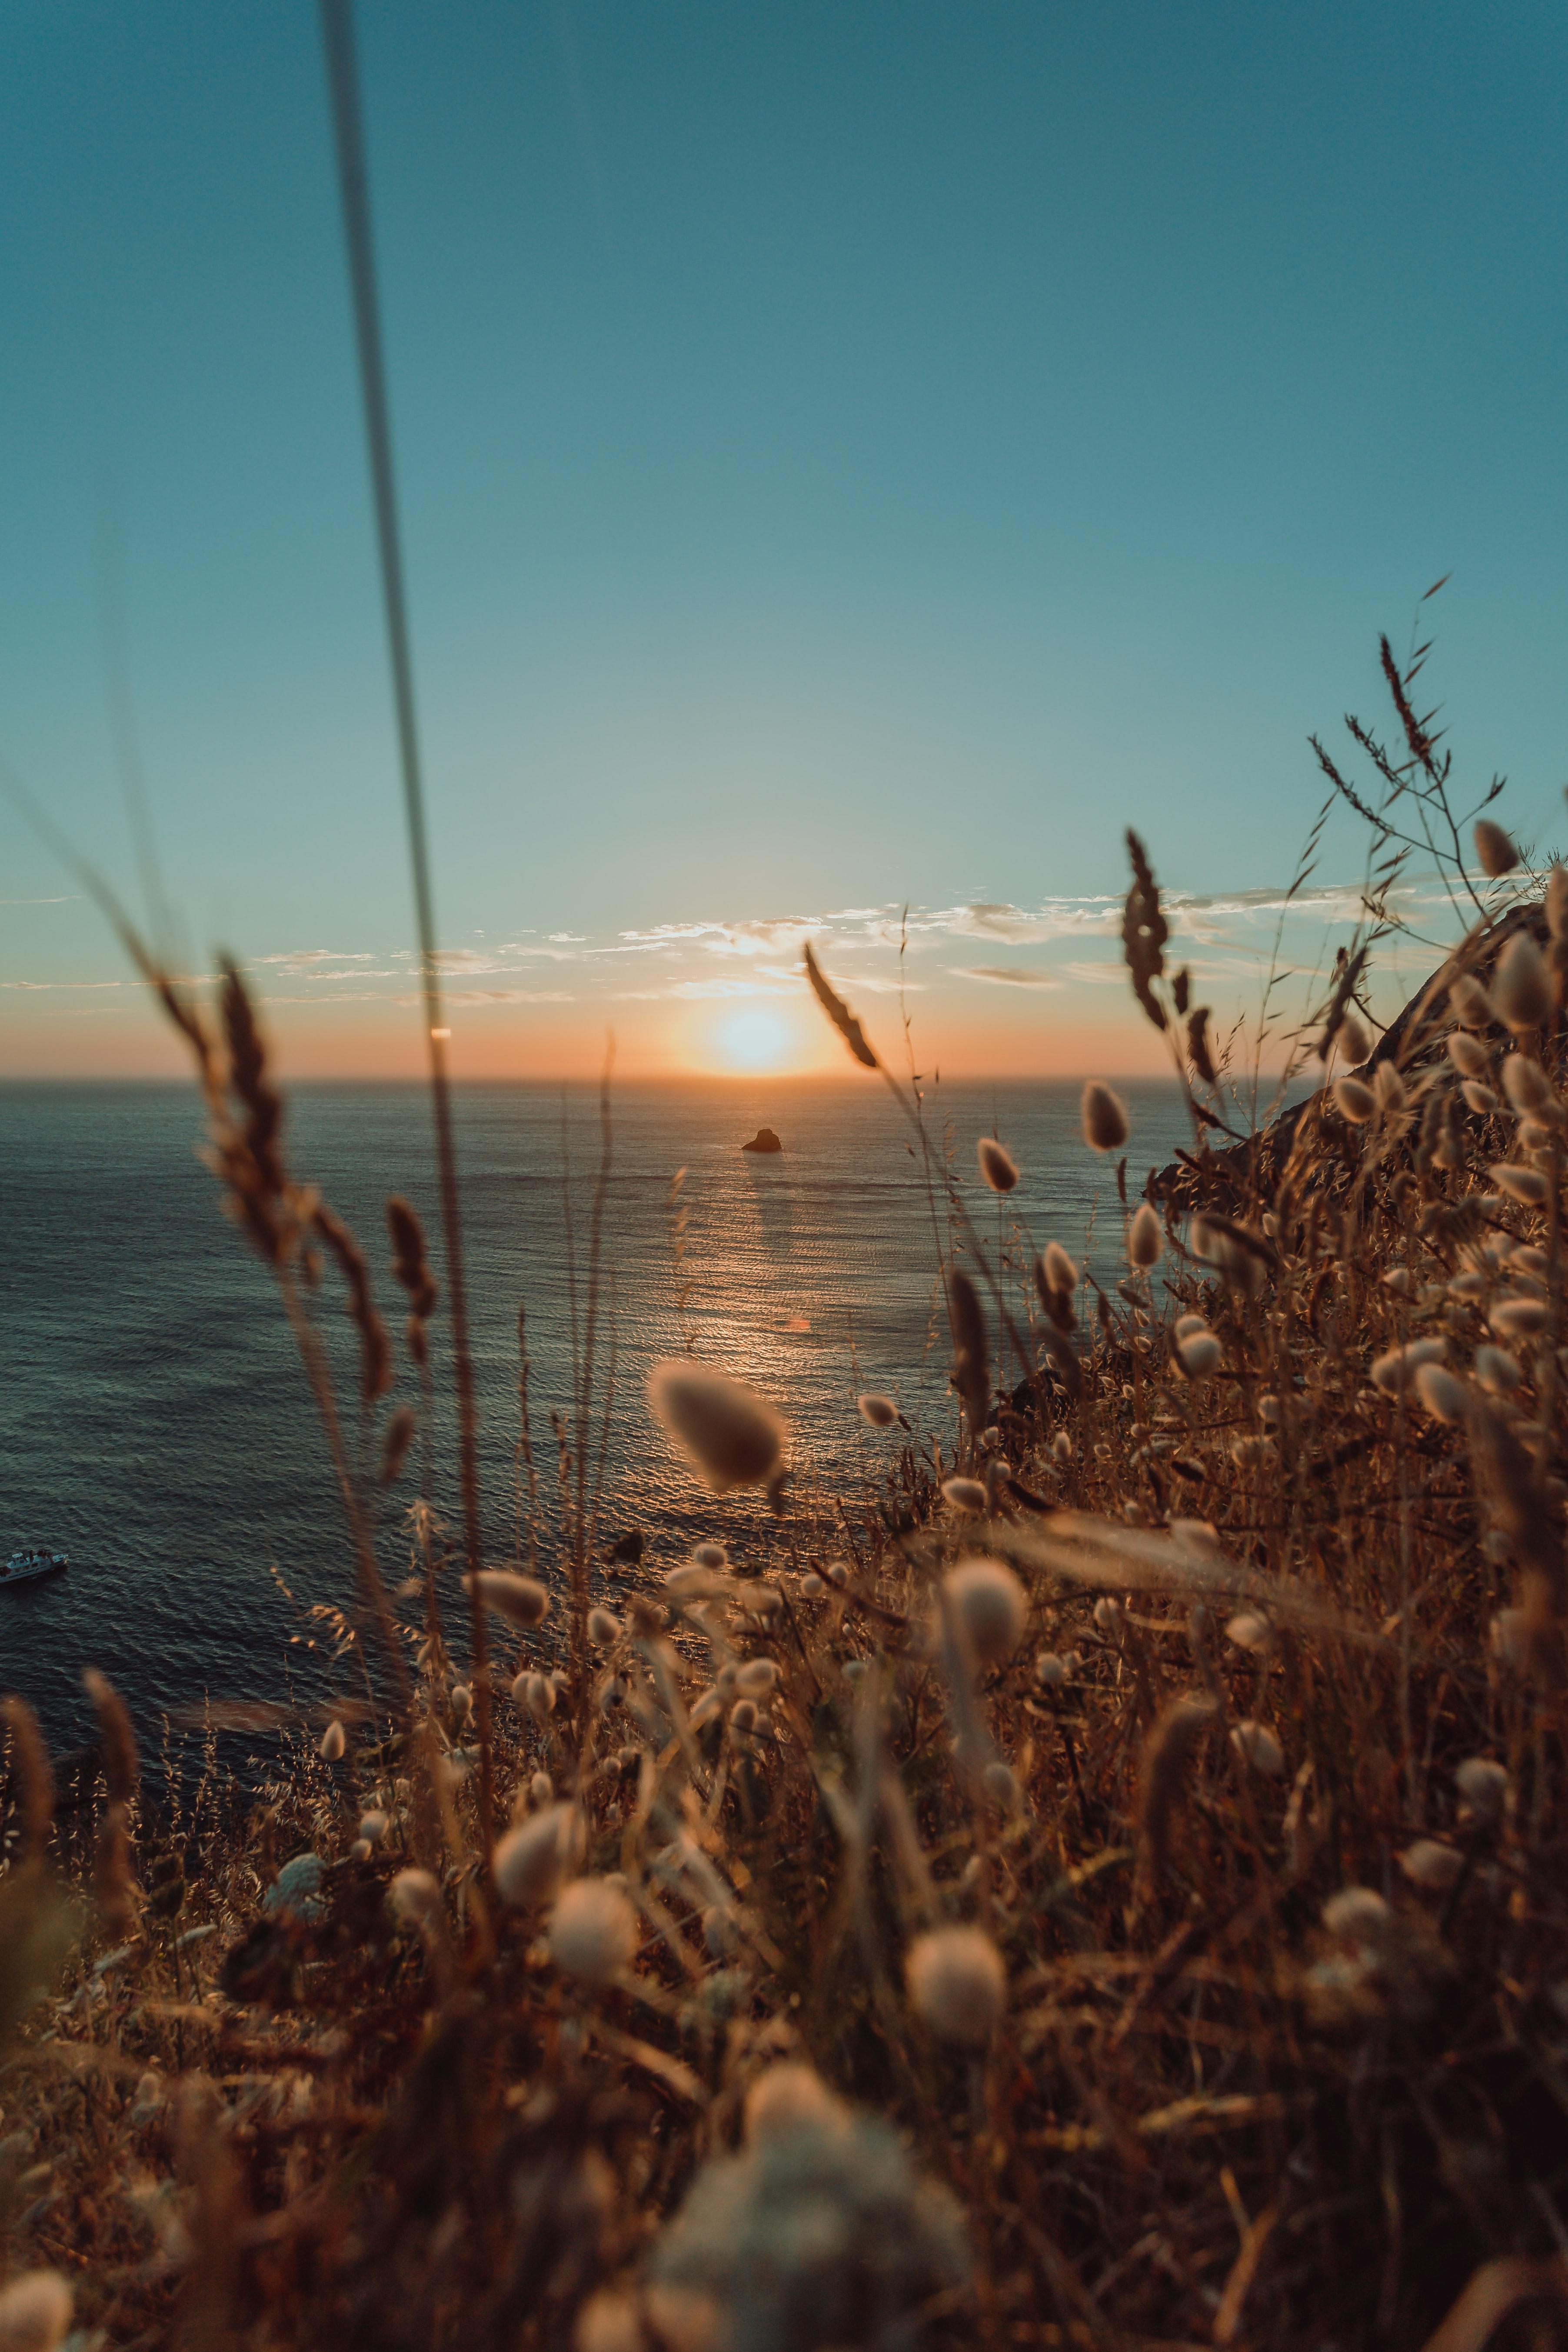 76773 Заставки и Обои Солнце на телефон. Скачать Солнце, Природа, Море, Горизонт, Колосья картинки бесплатно